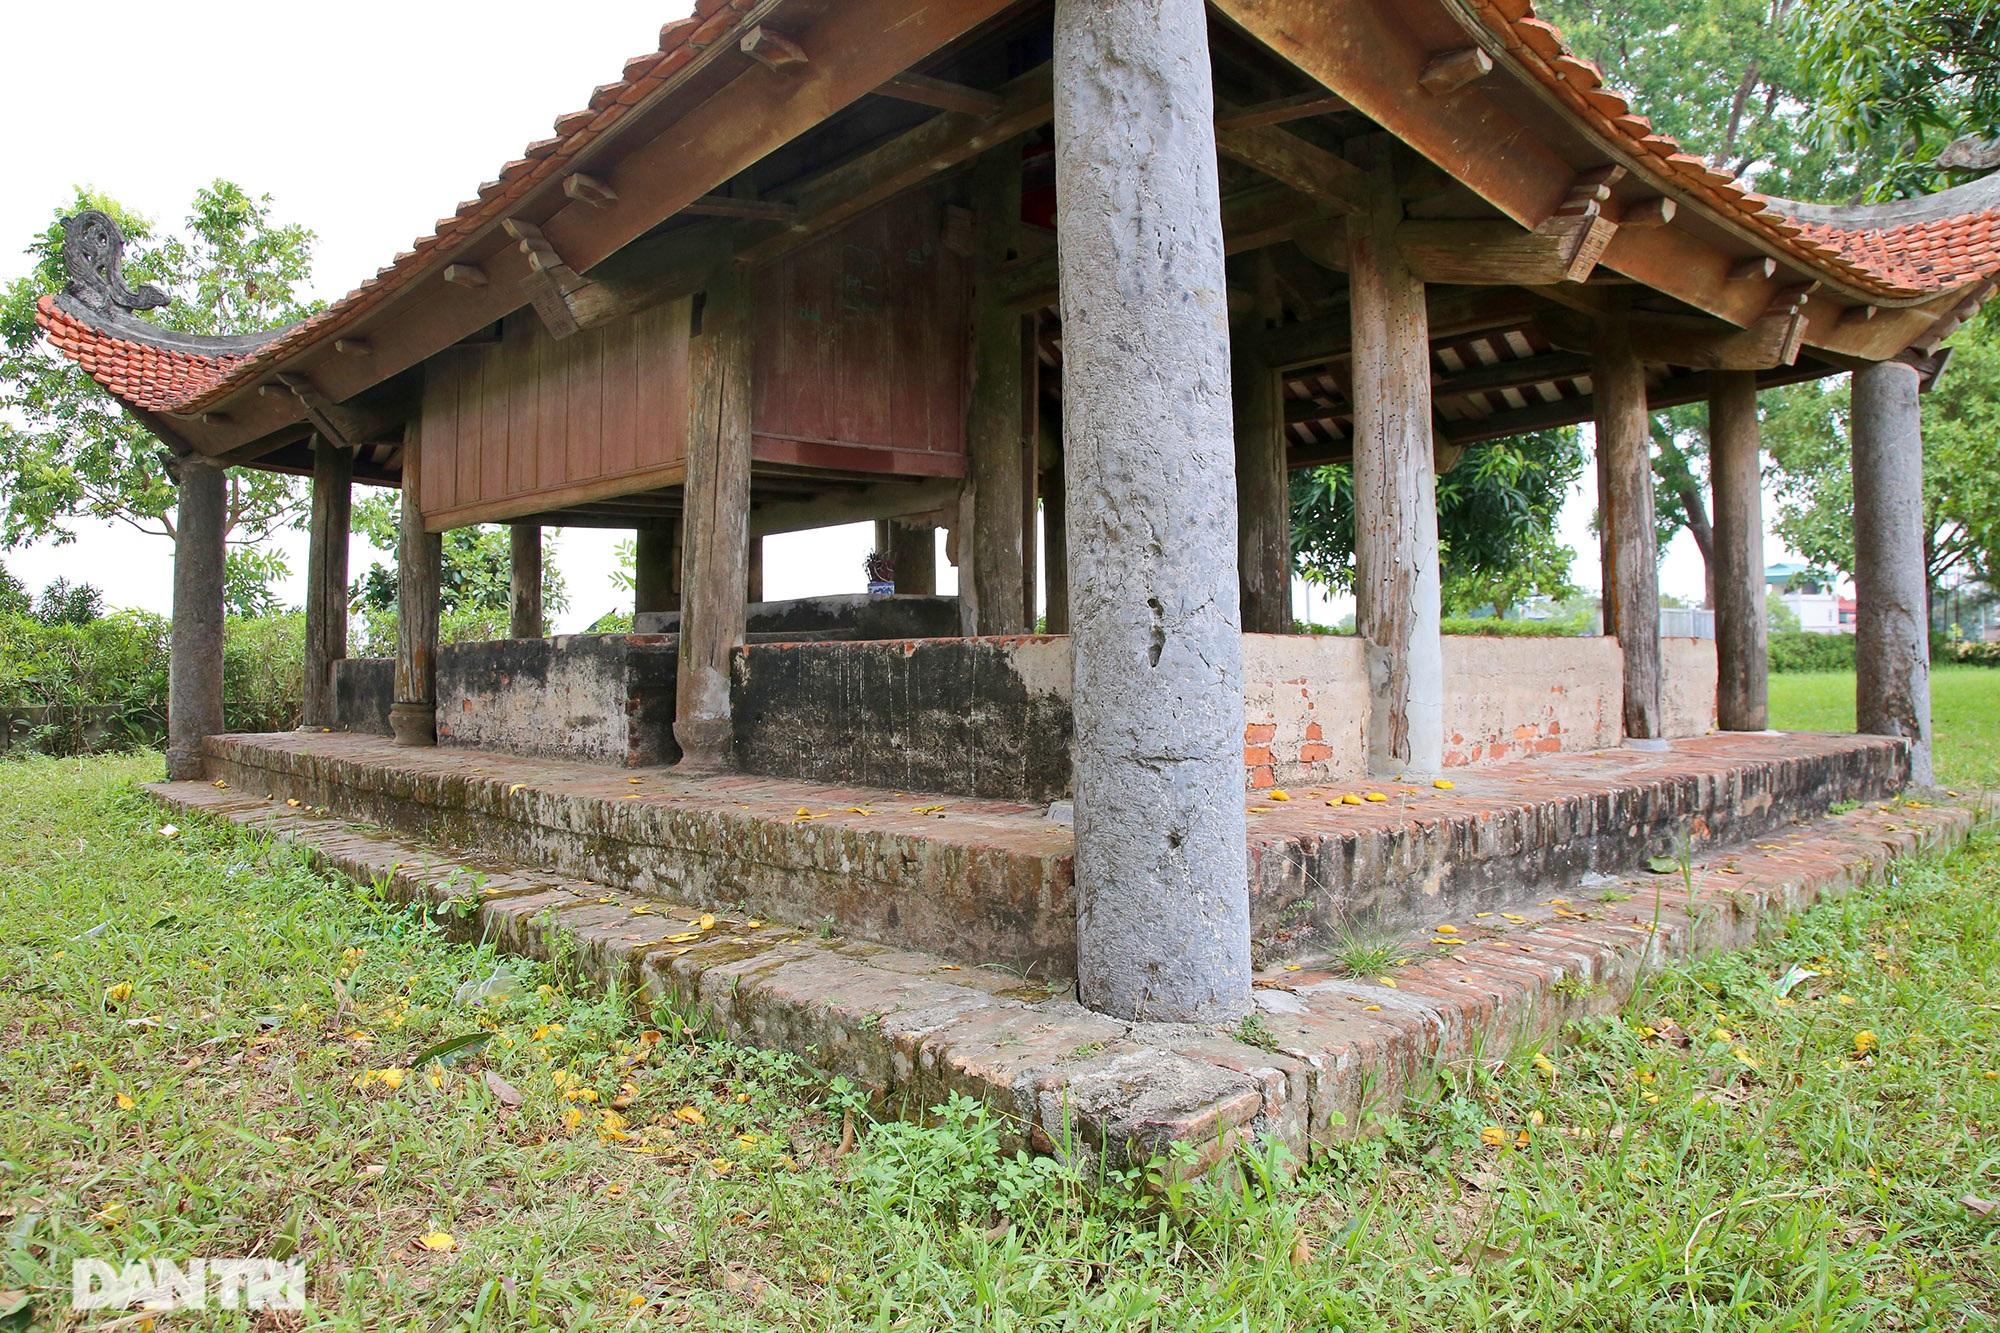 Huyền tích nghìn đời qua những ngôi quán cổ ở Hà Nội - 2